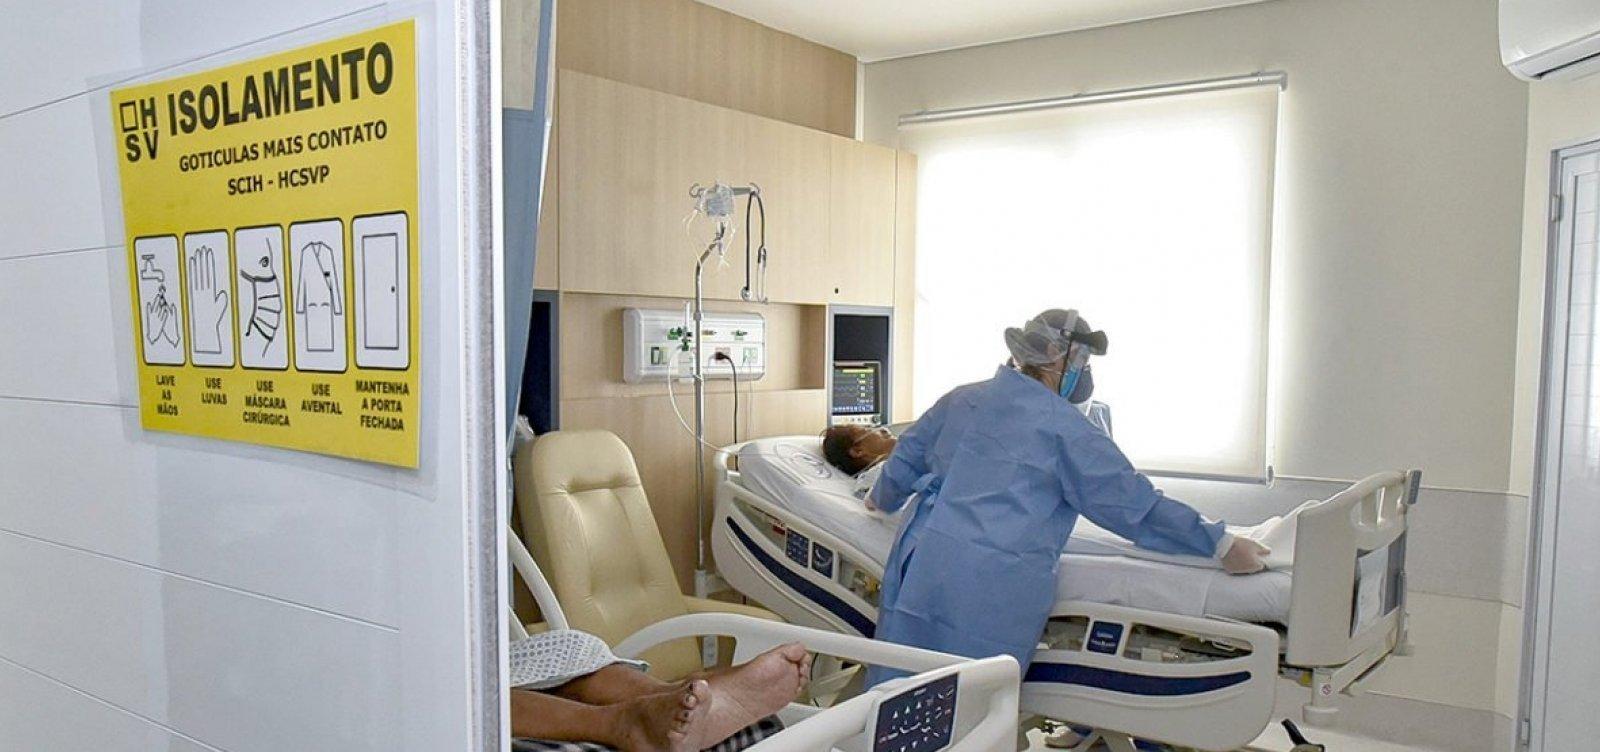 Rede particular de saúde de Salvador em pré-colapso: quatro hospitais têm 100% dos leitos de UTI Covid ocupados